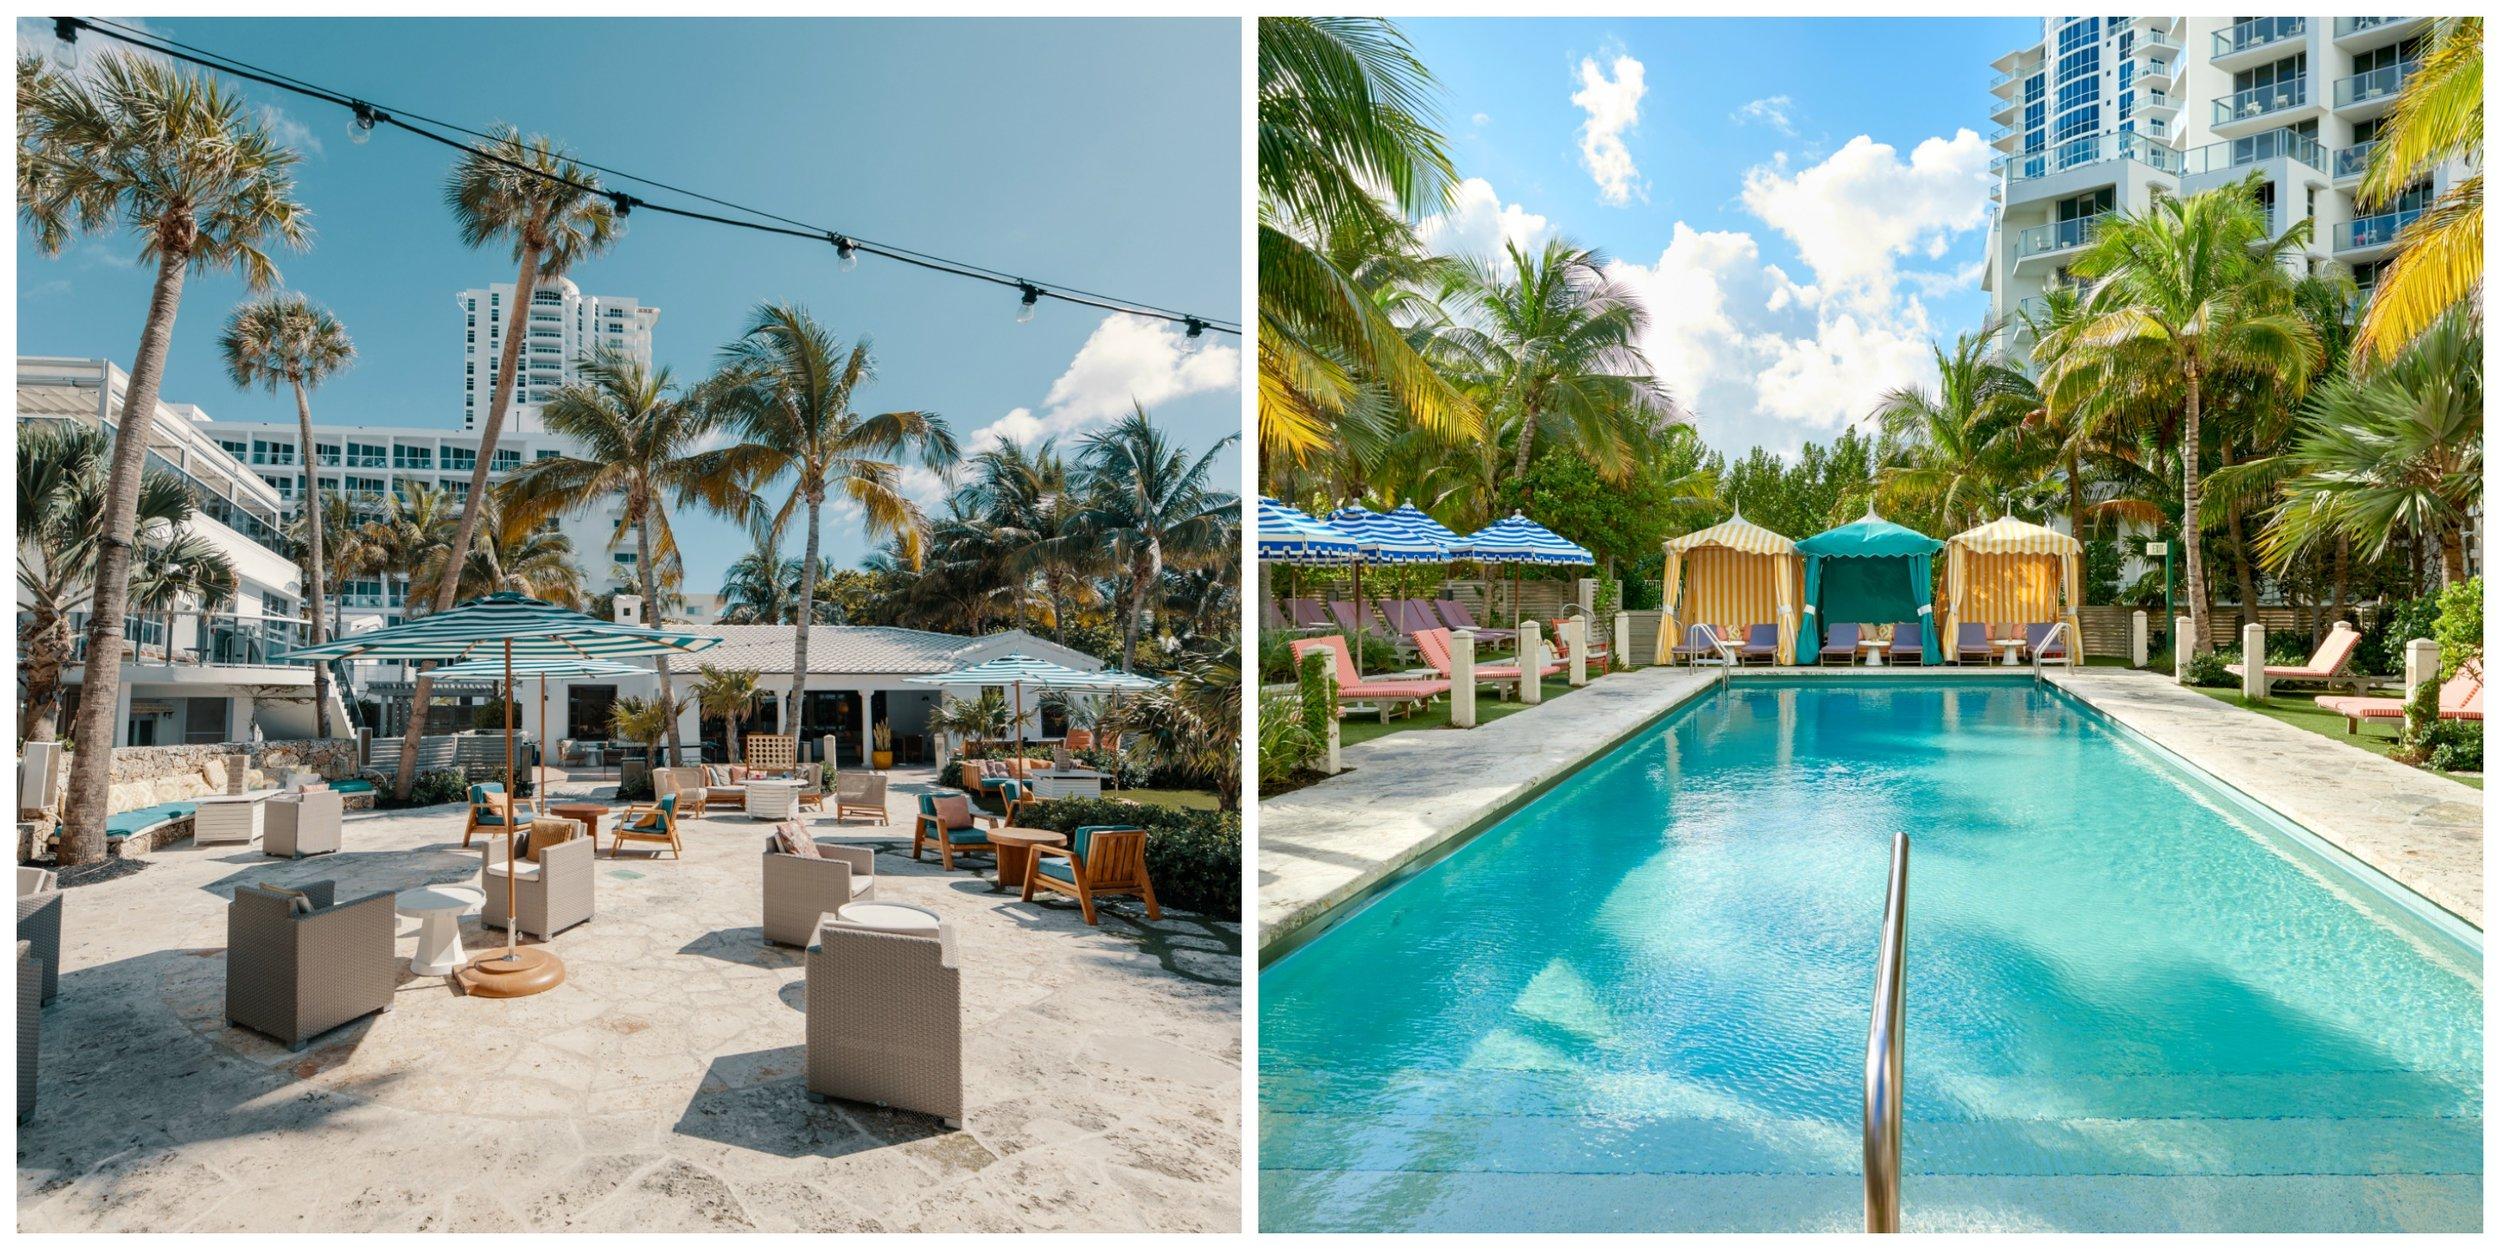 The Confidante Hotel Miami Beach